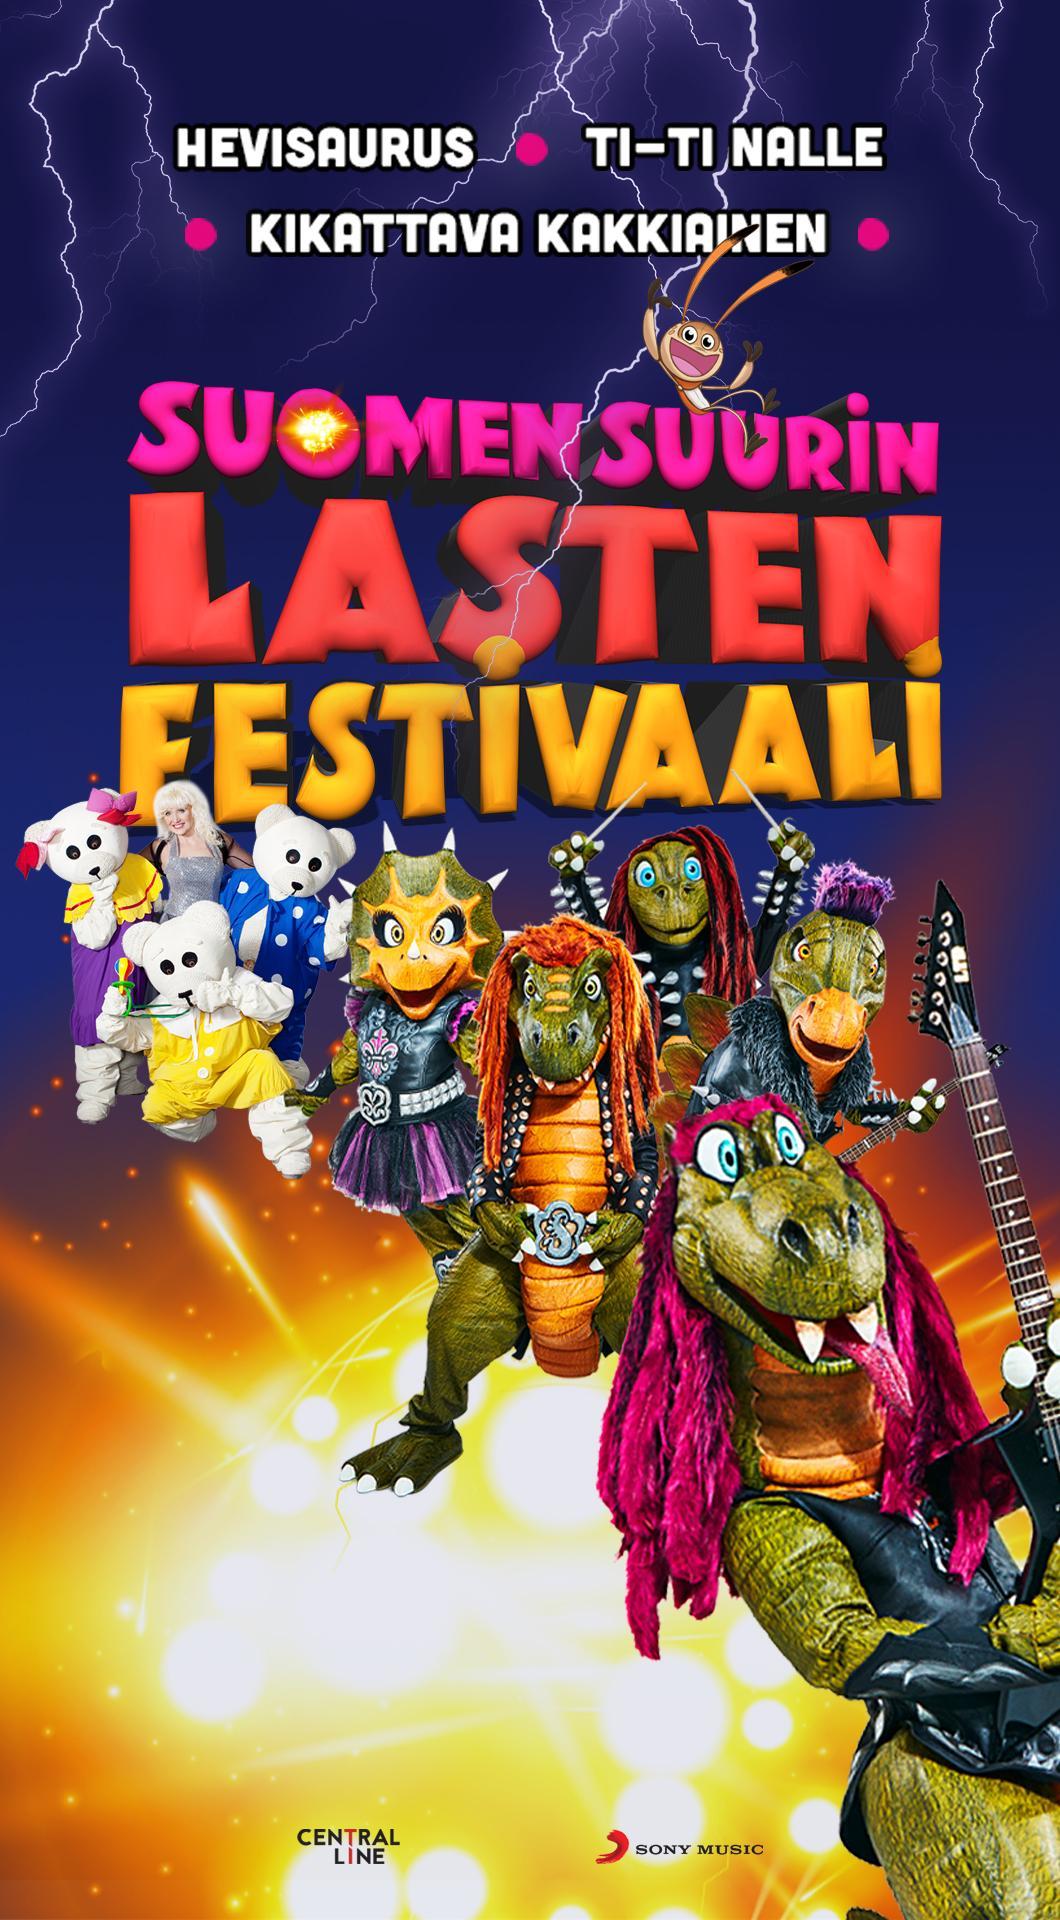 Suomen Suurin Lastenfestivaali